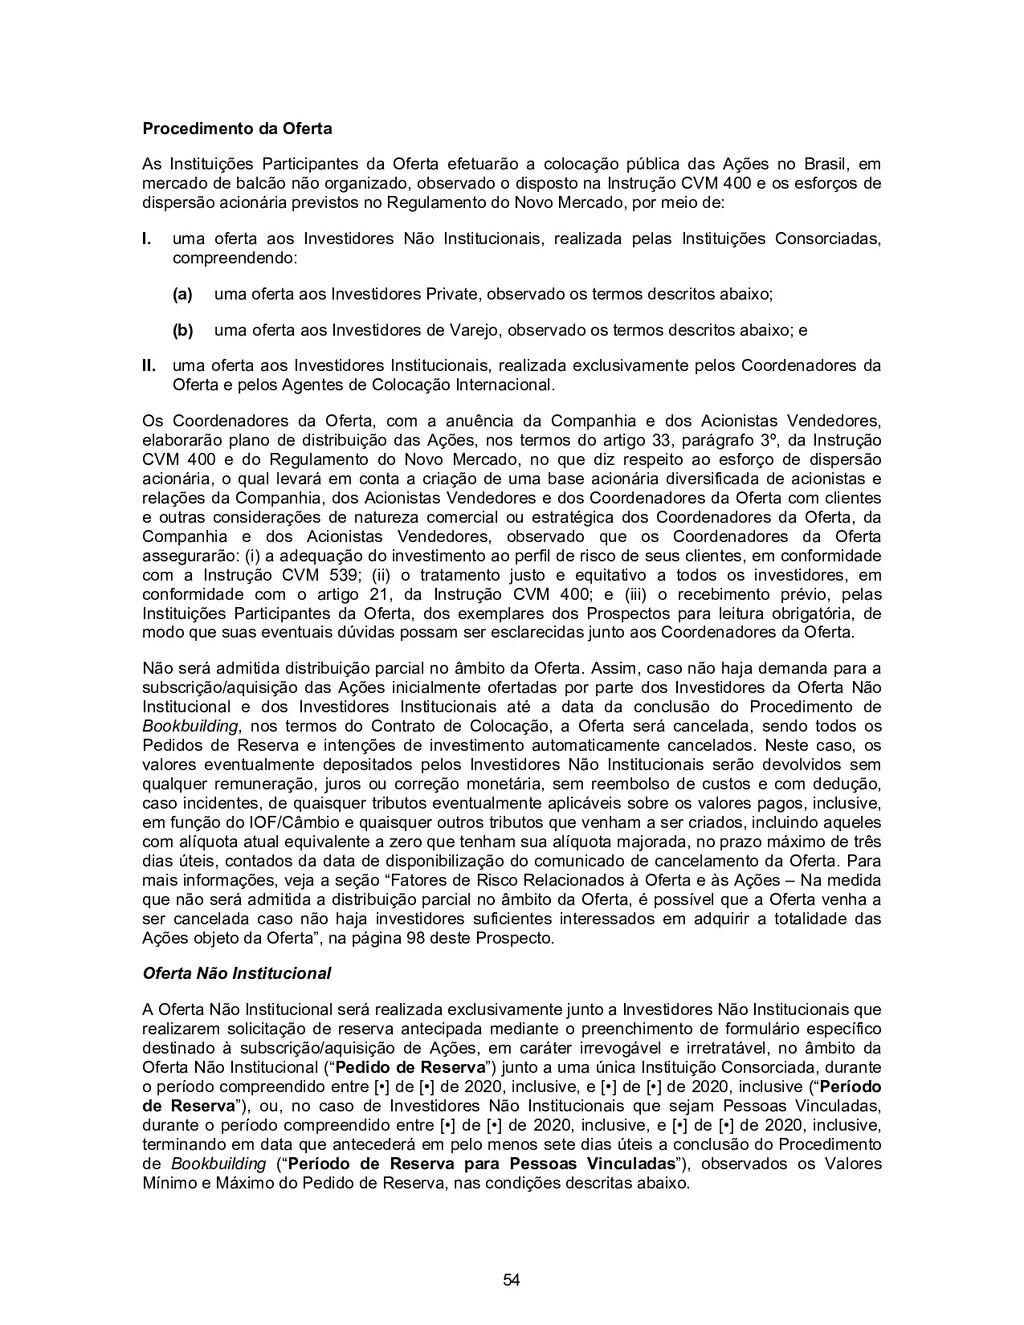 54 Procedimento da Oferta As Instituições Parti...